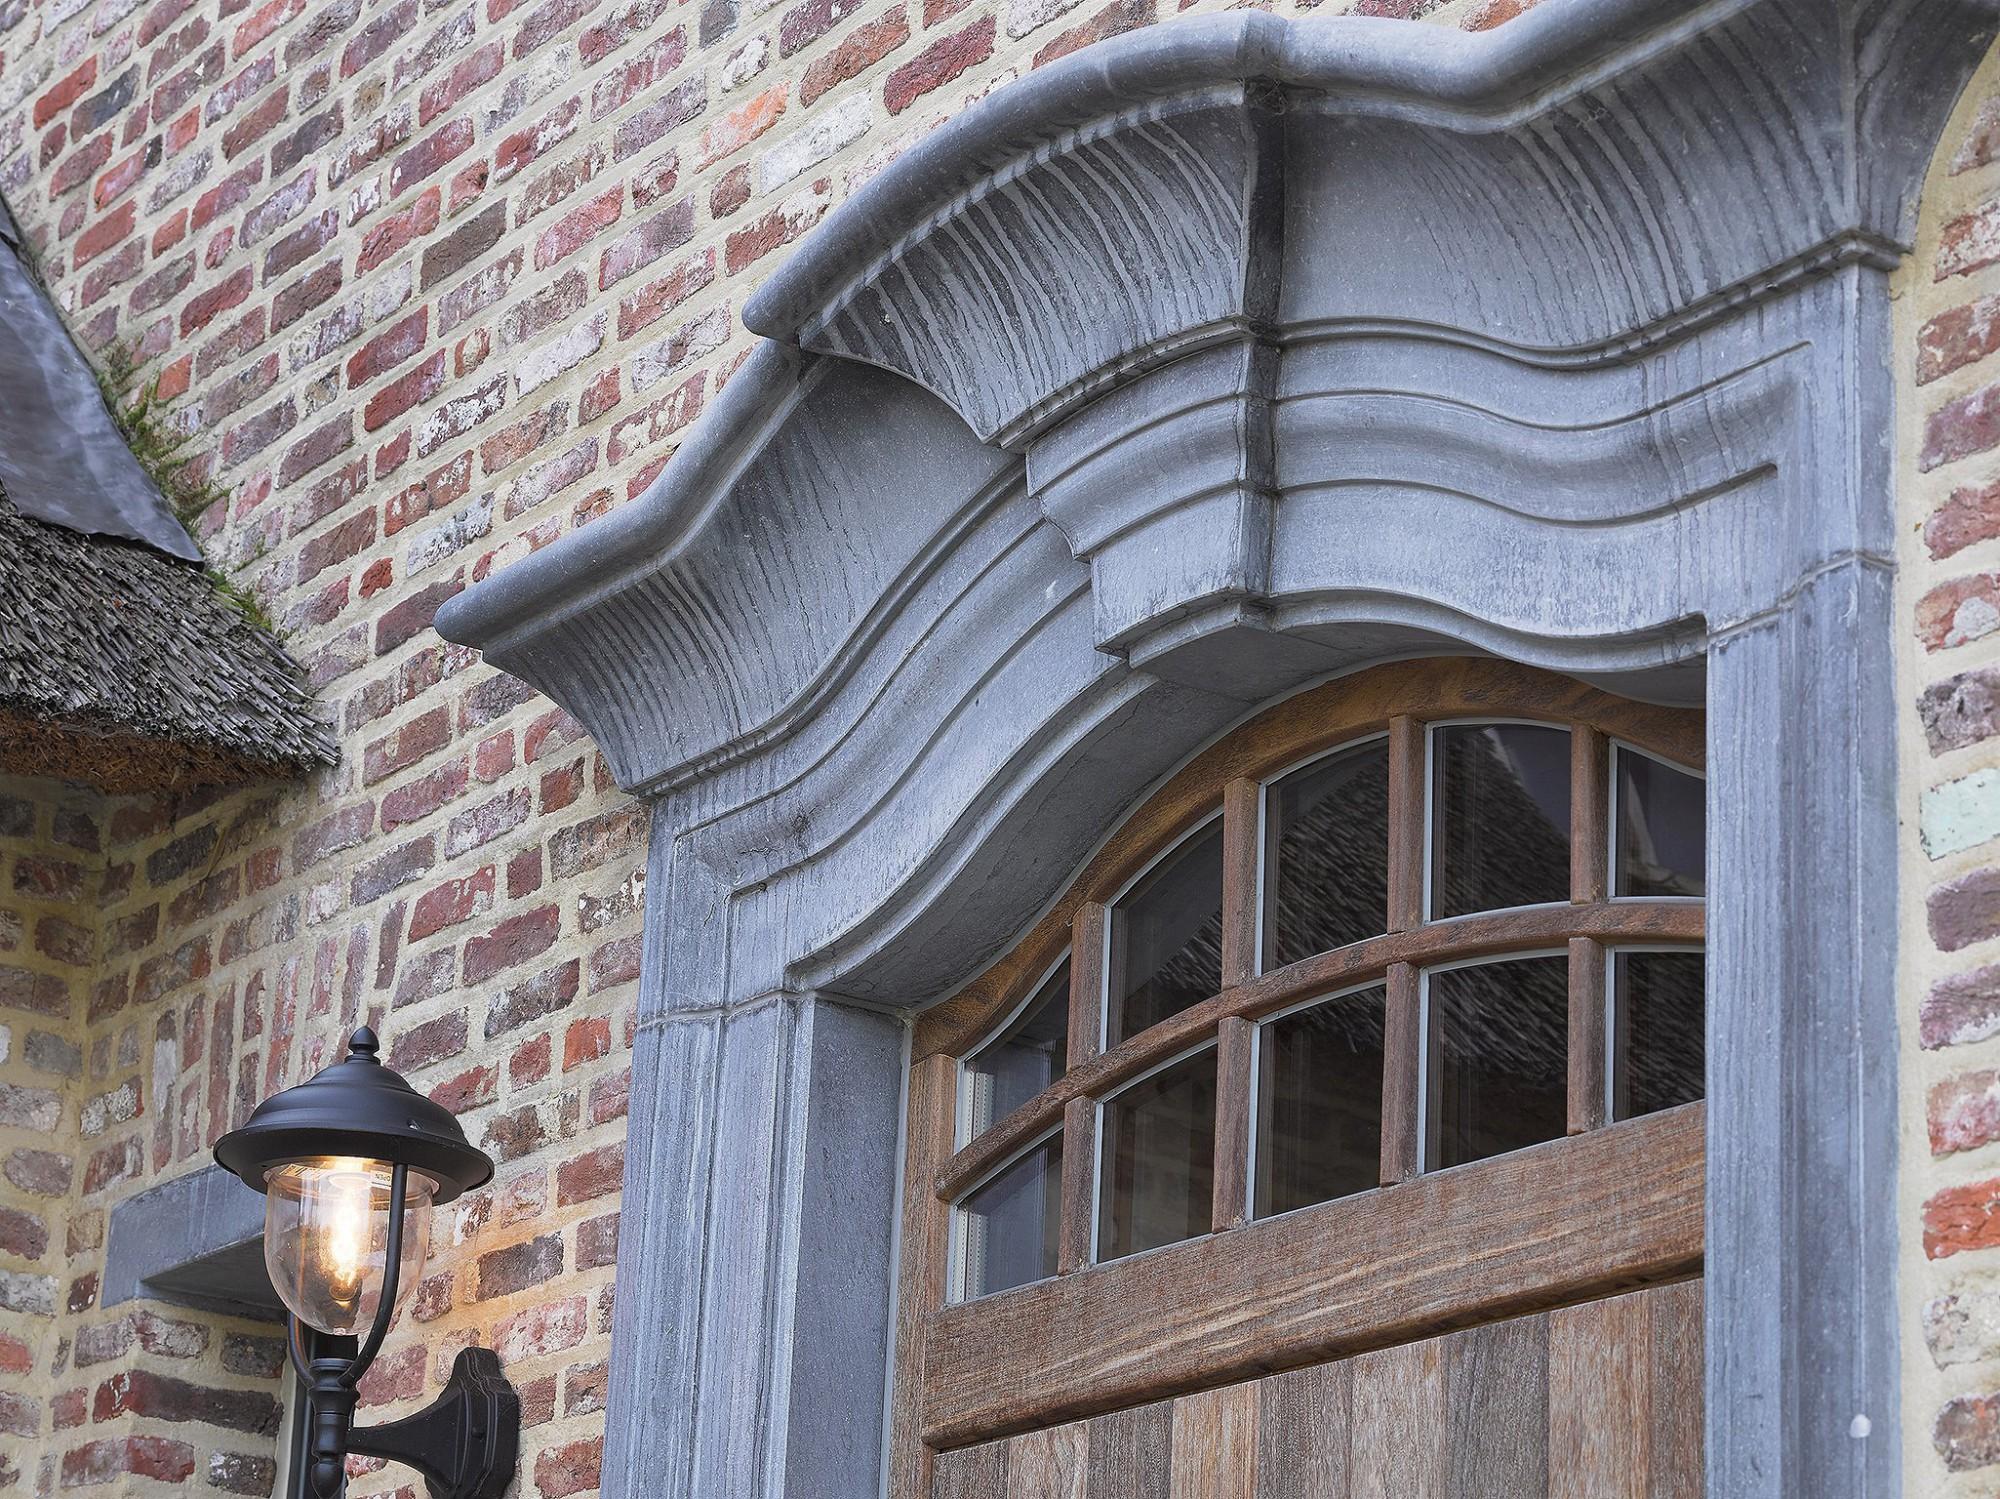 Afbeelding: Architectuur- en interieurfotografie voor bouwbedrijven, architecten, en projectontwikkelaars over gans de Benelux.